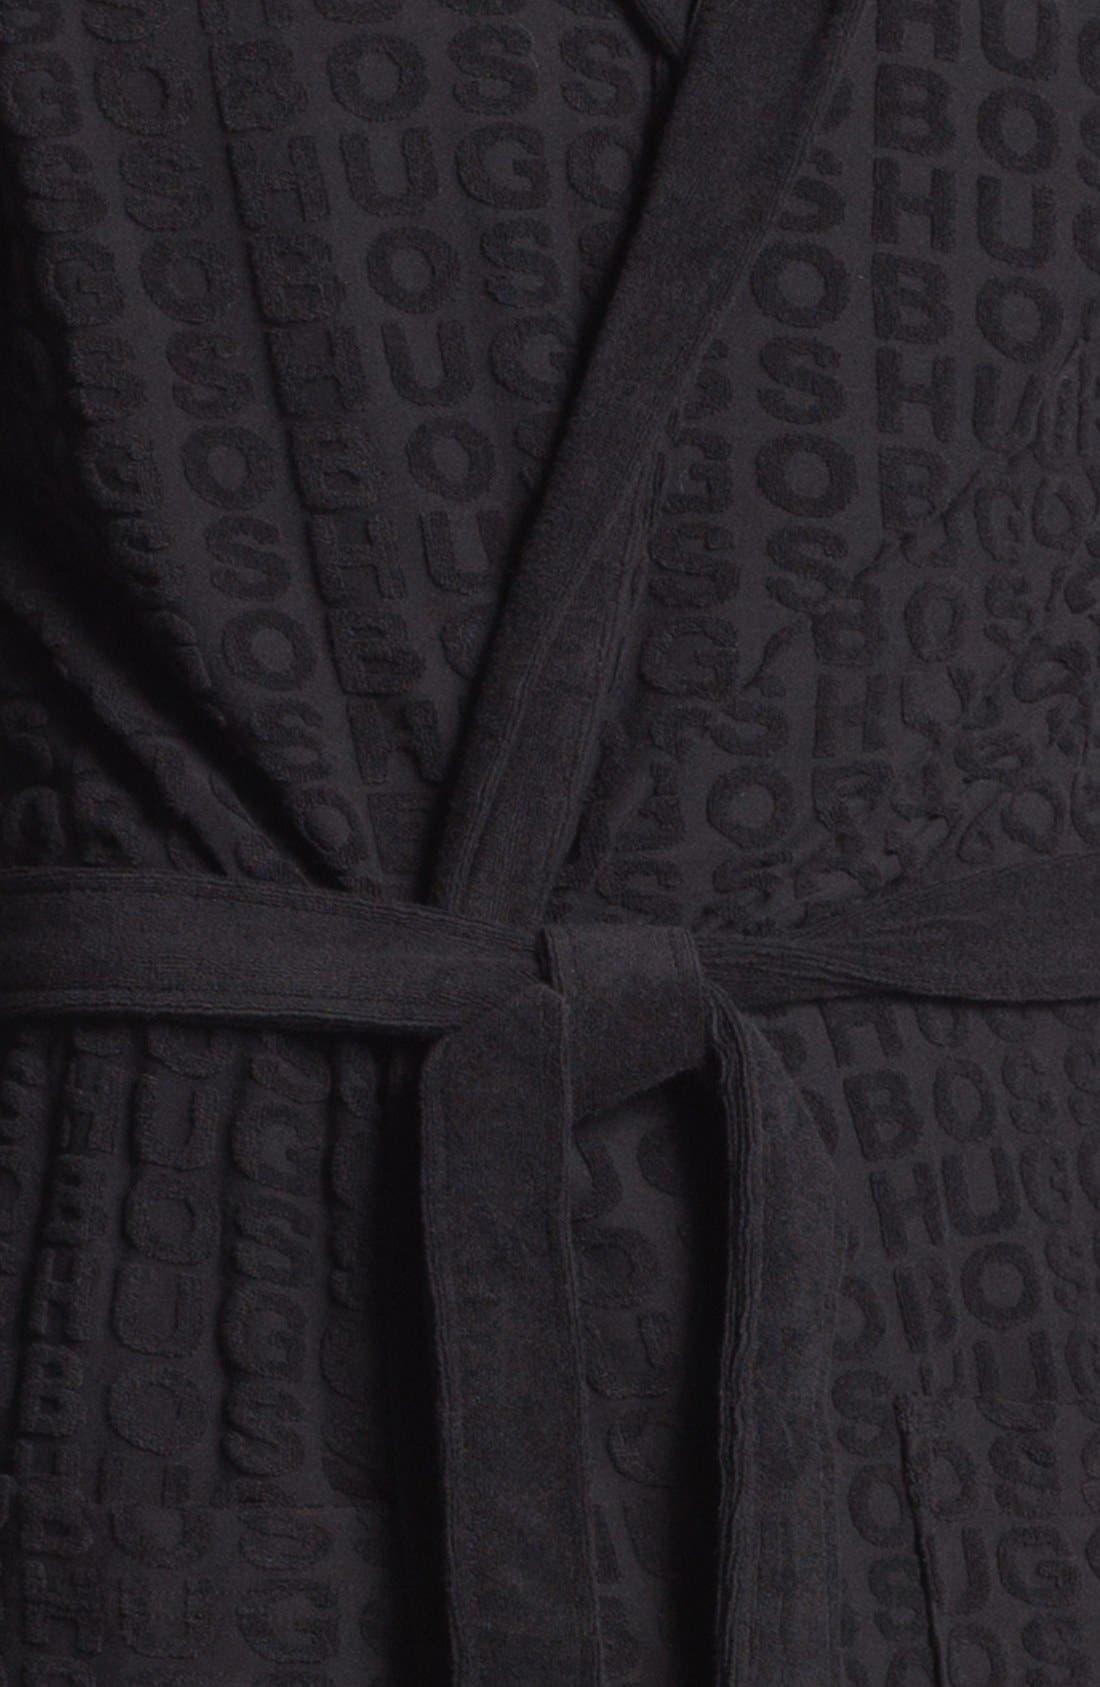 HUGO BOSS 'Innovation 3' Robe,                             Alternate thumbnail 3, color,                             001